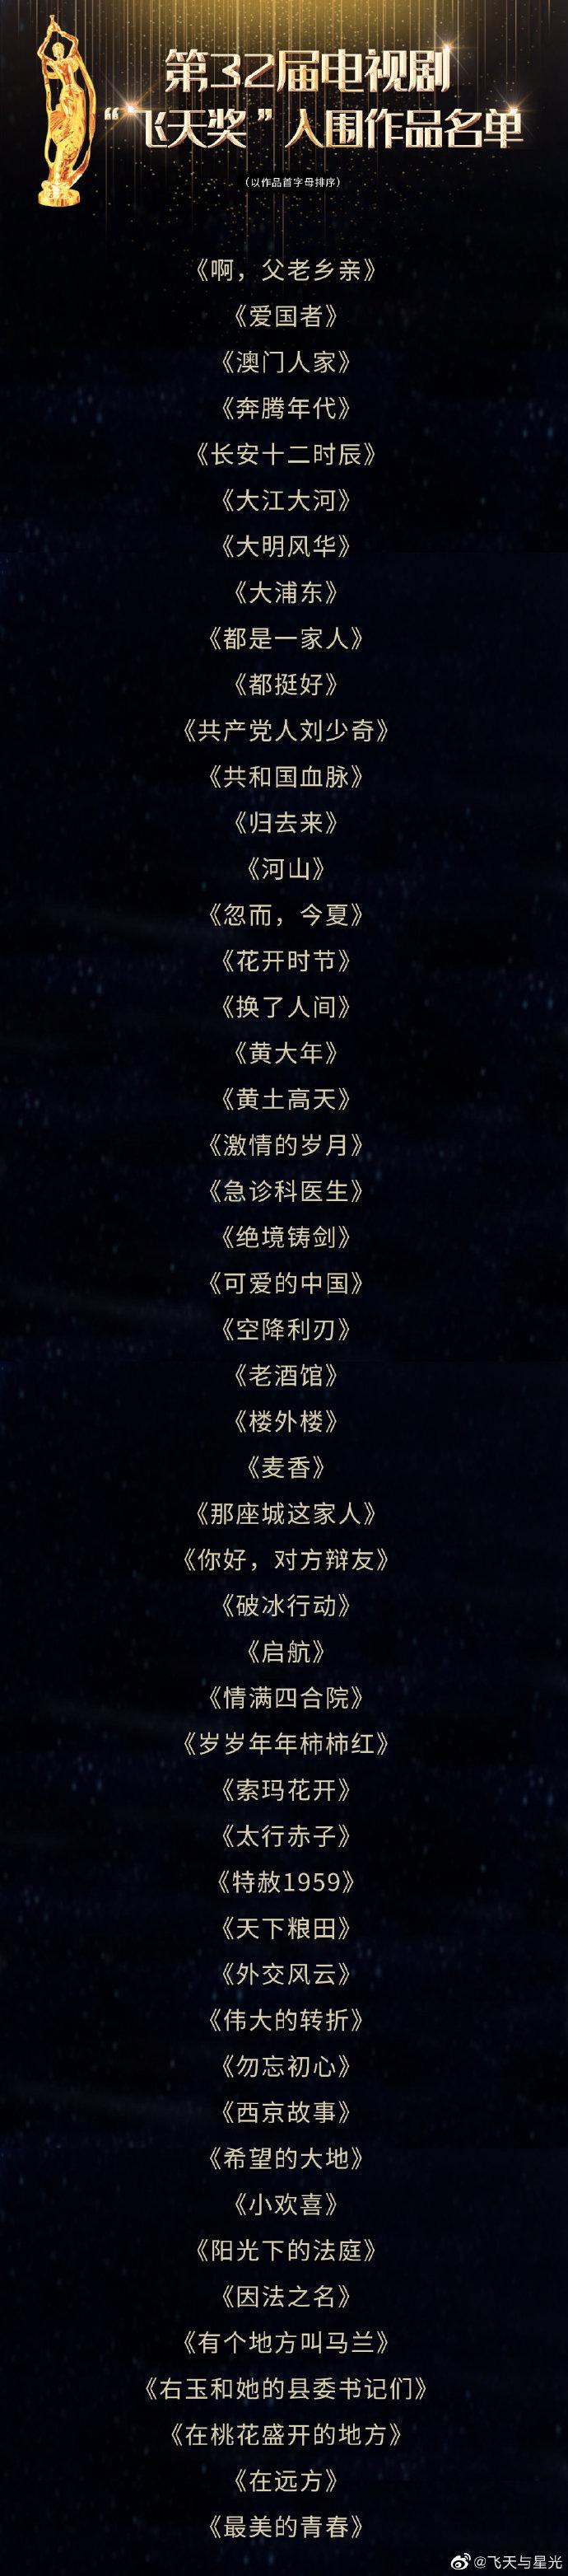 """第32届电视剧""""飞天奖""""入围名单揭晓!大江大河、长安十二时辰在列"""